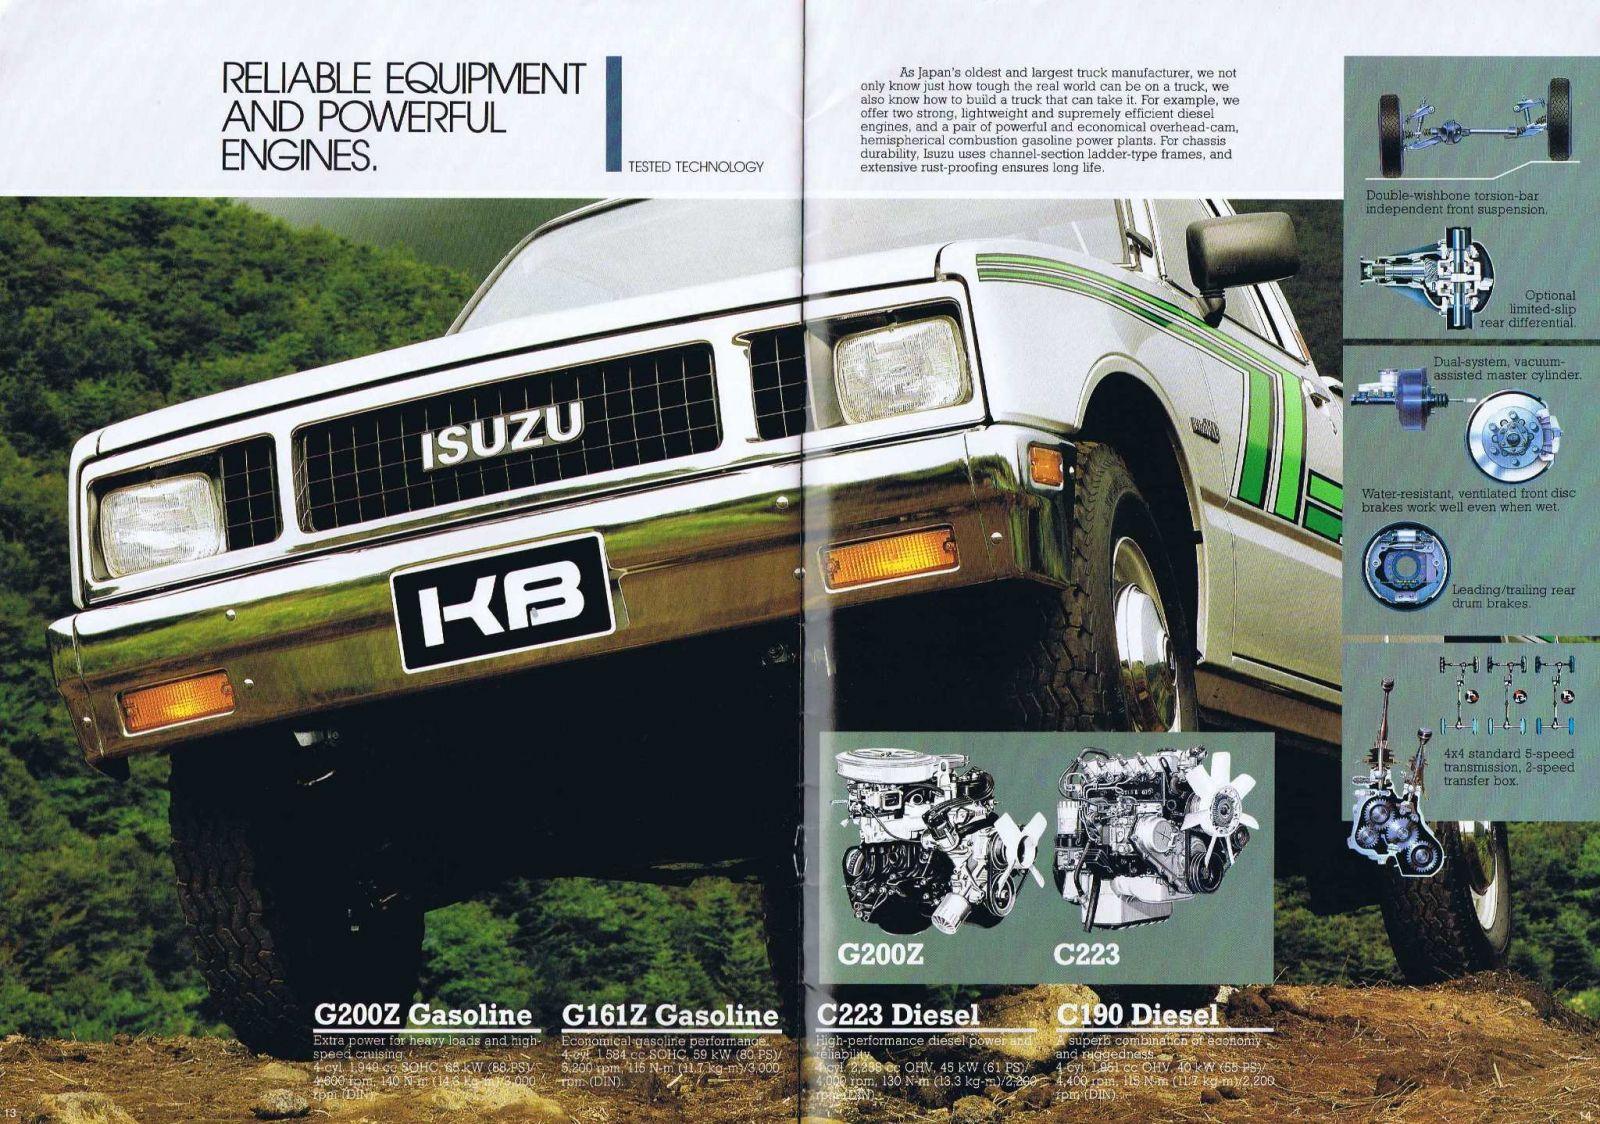 1987 Isuzu KBD Page 09.JPG